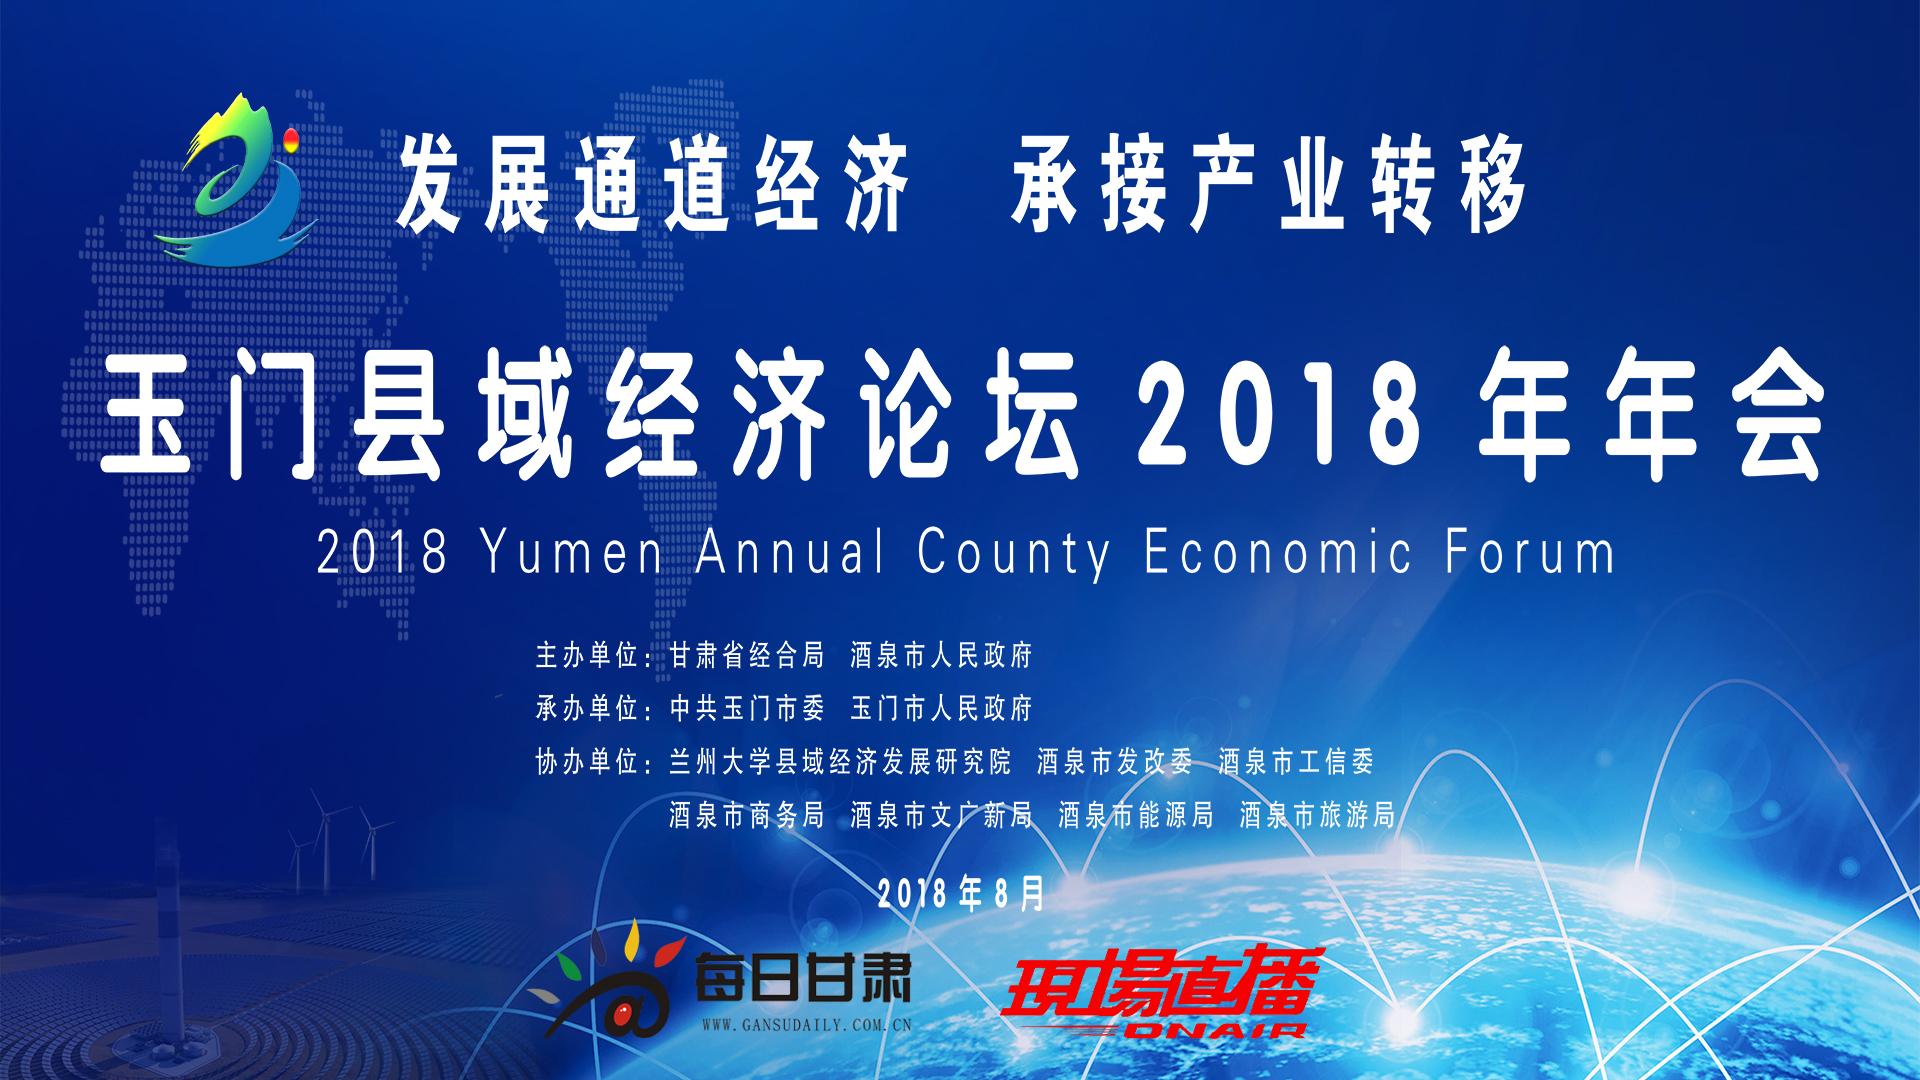 直播 2018玉门县域经经济论坛年会